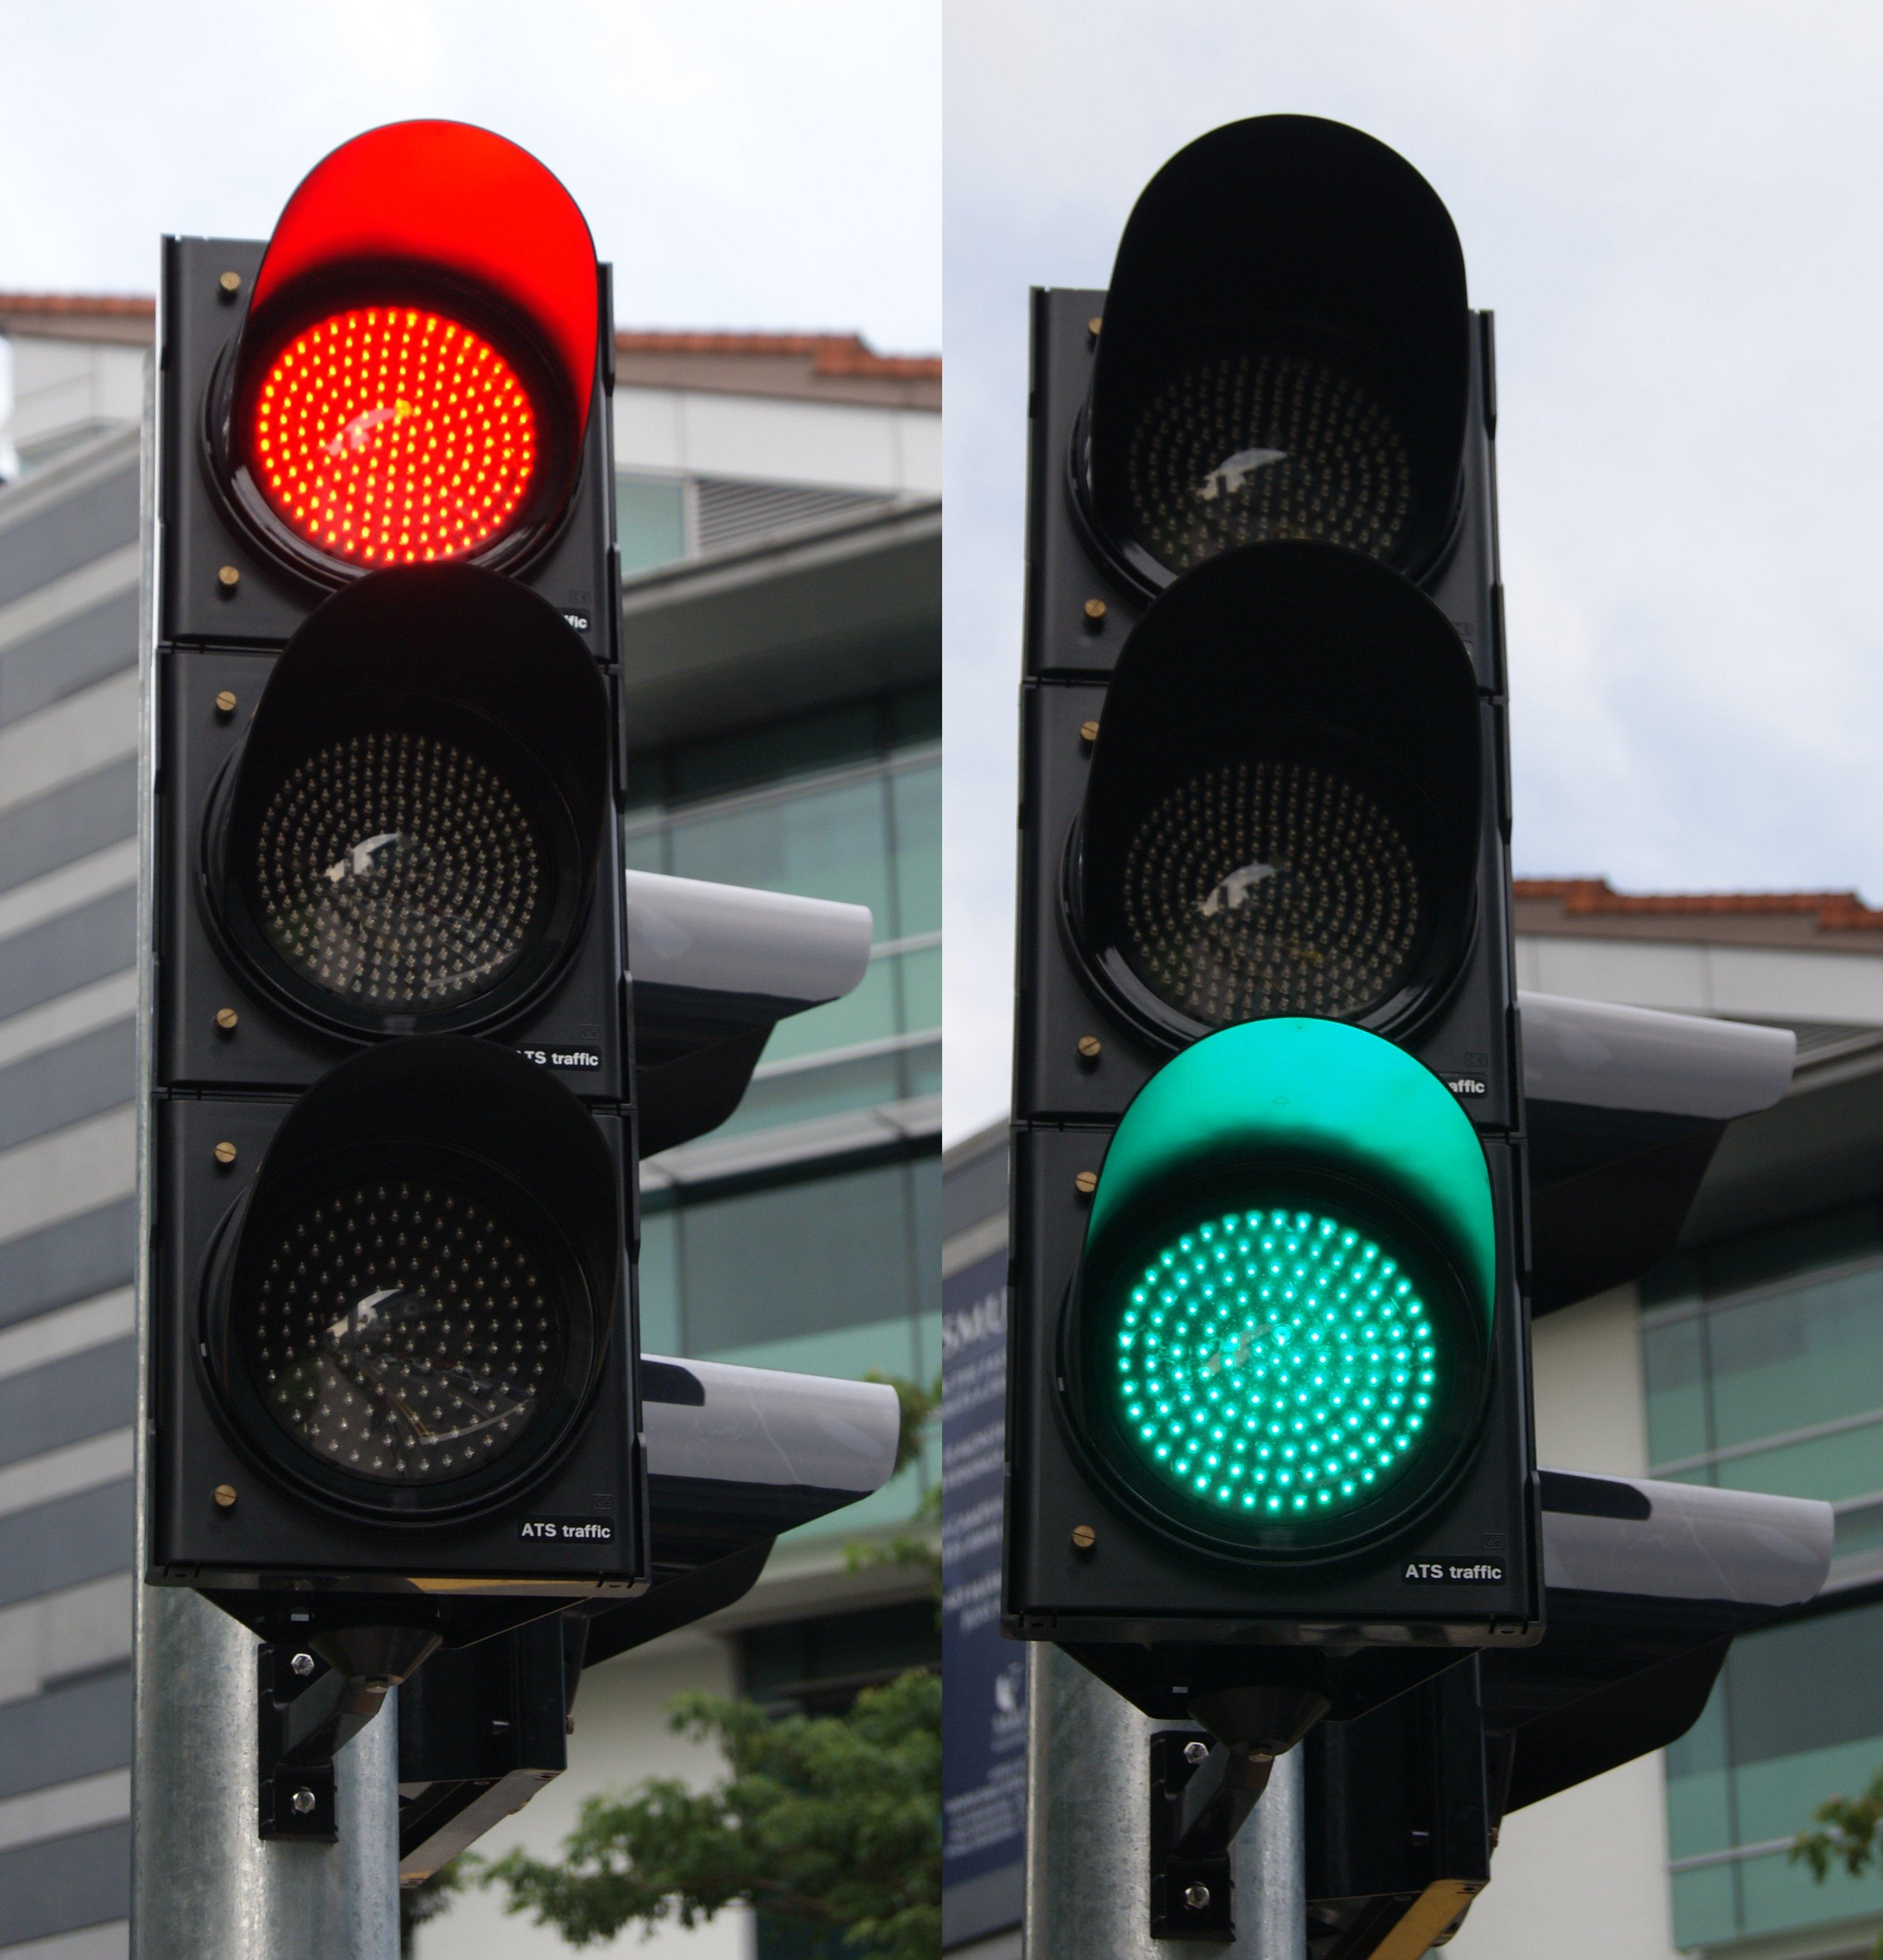 Red_and_green_traffic_signals%2C_Stamford_Road%2C_Singapore_-_20111210 Faszinierend Was ist Eine Glühlampe Dekorationen